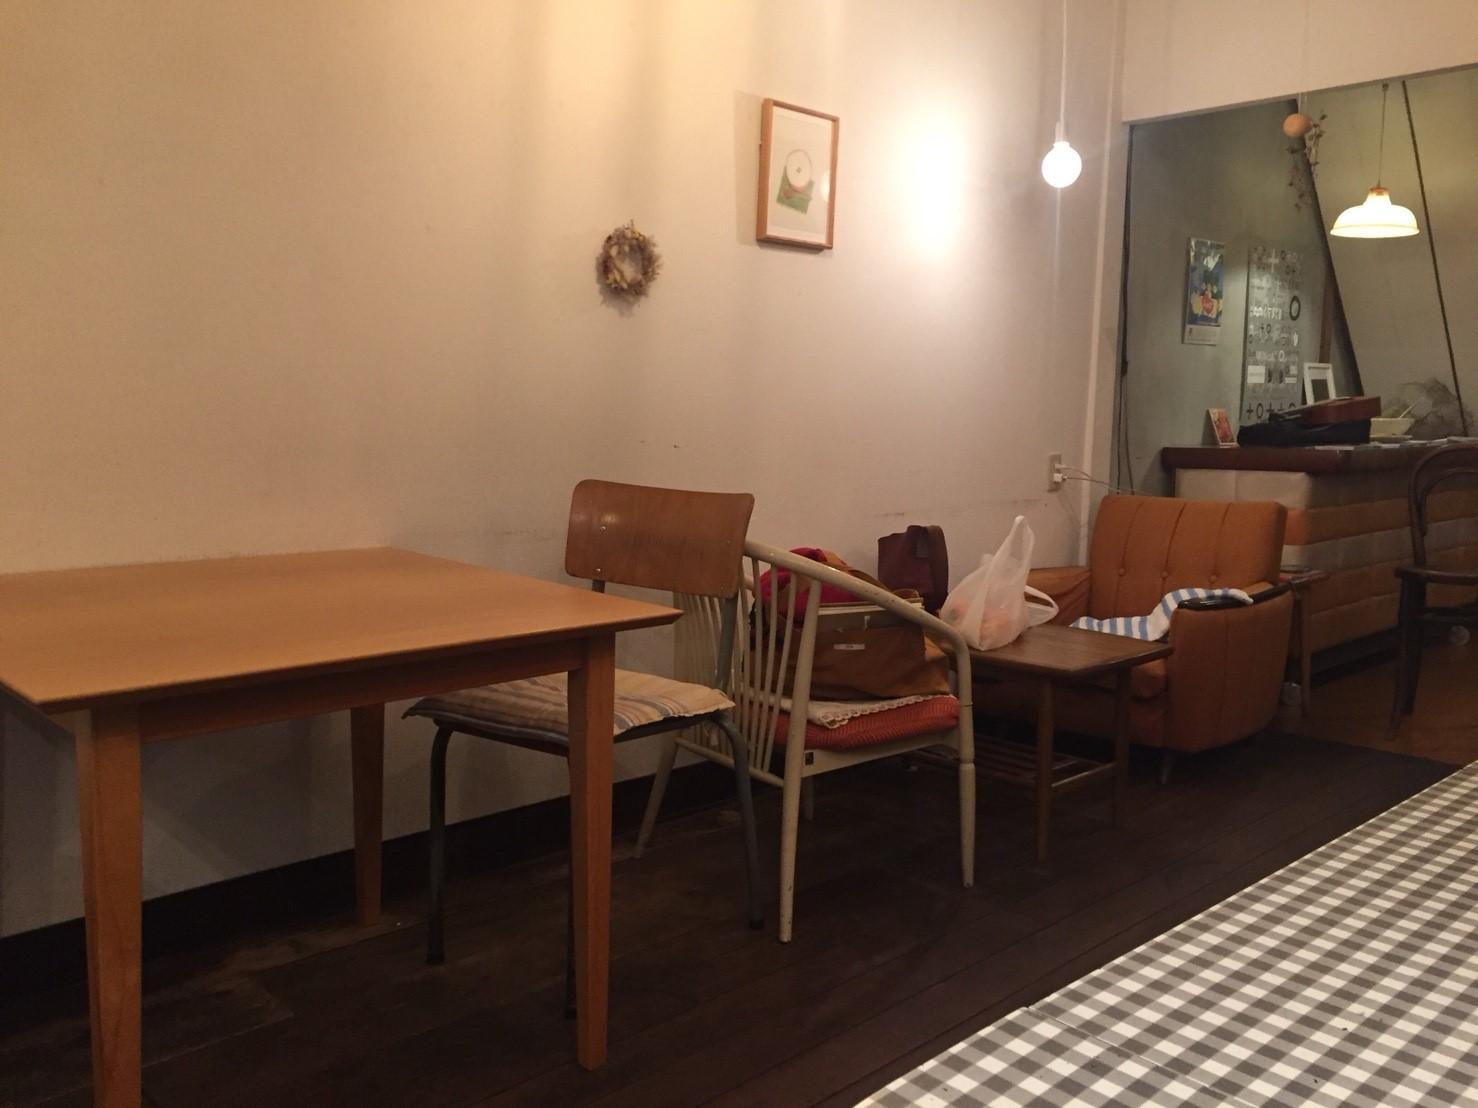 Tottoriカルマ まるなげ食堂 カレー_e0115904_01455431.jpg